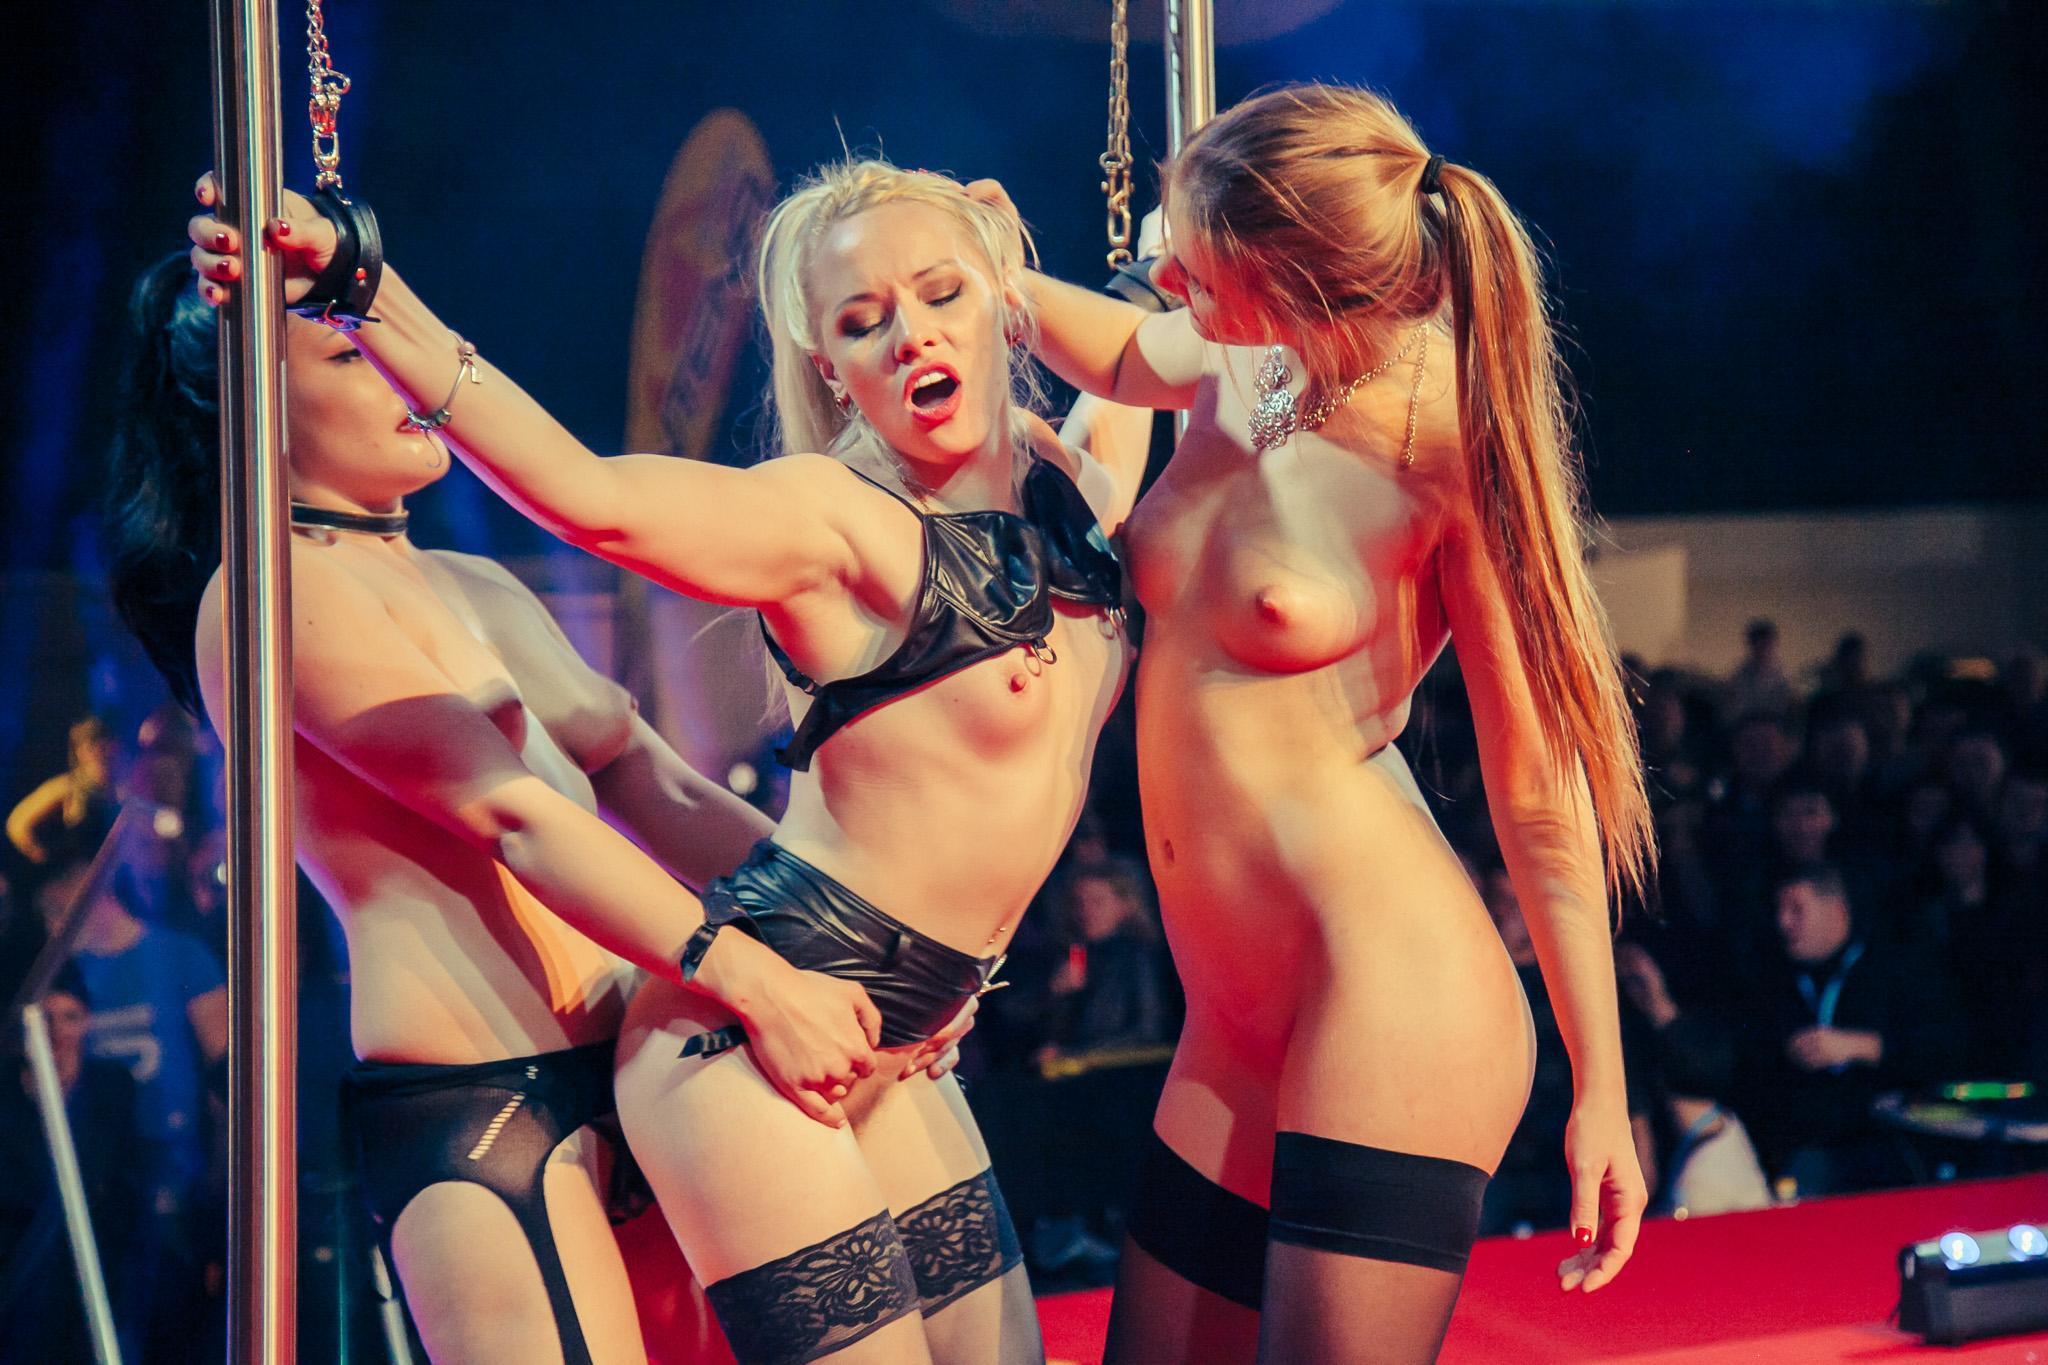 эротические шоу вечеринки смотреть онлайн